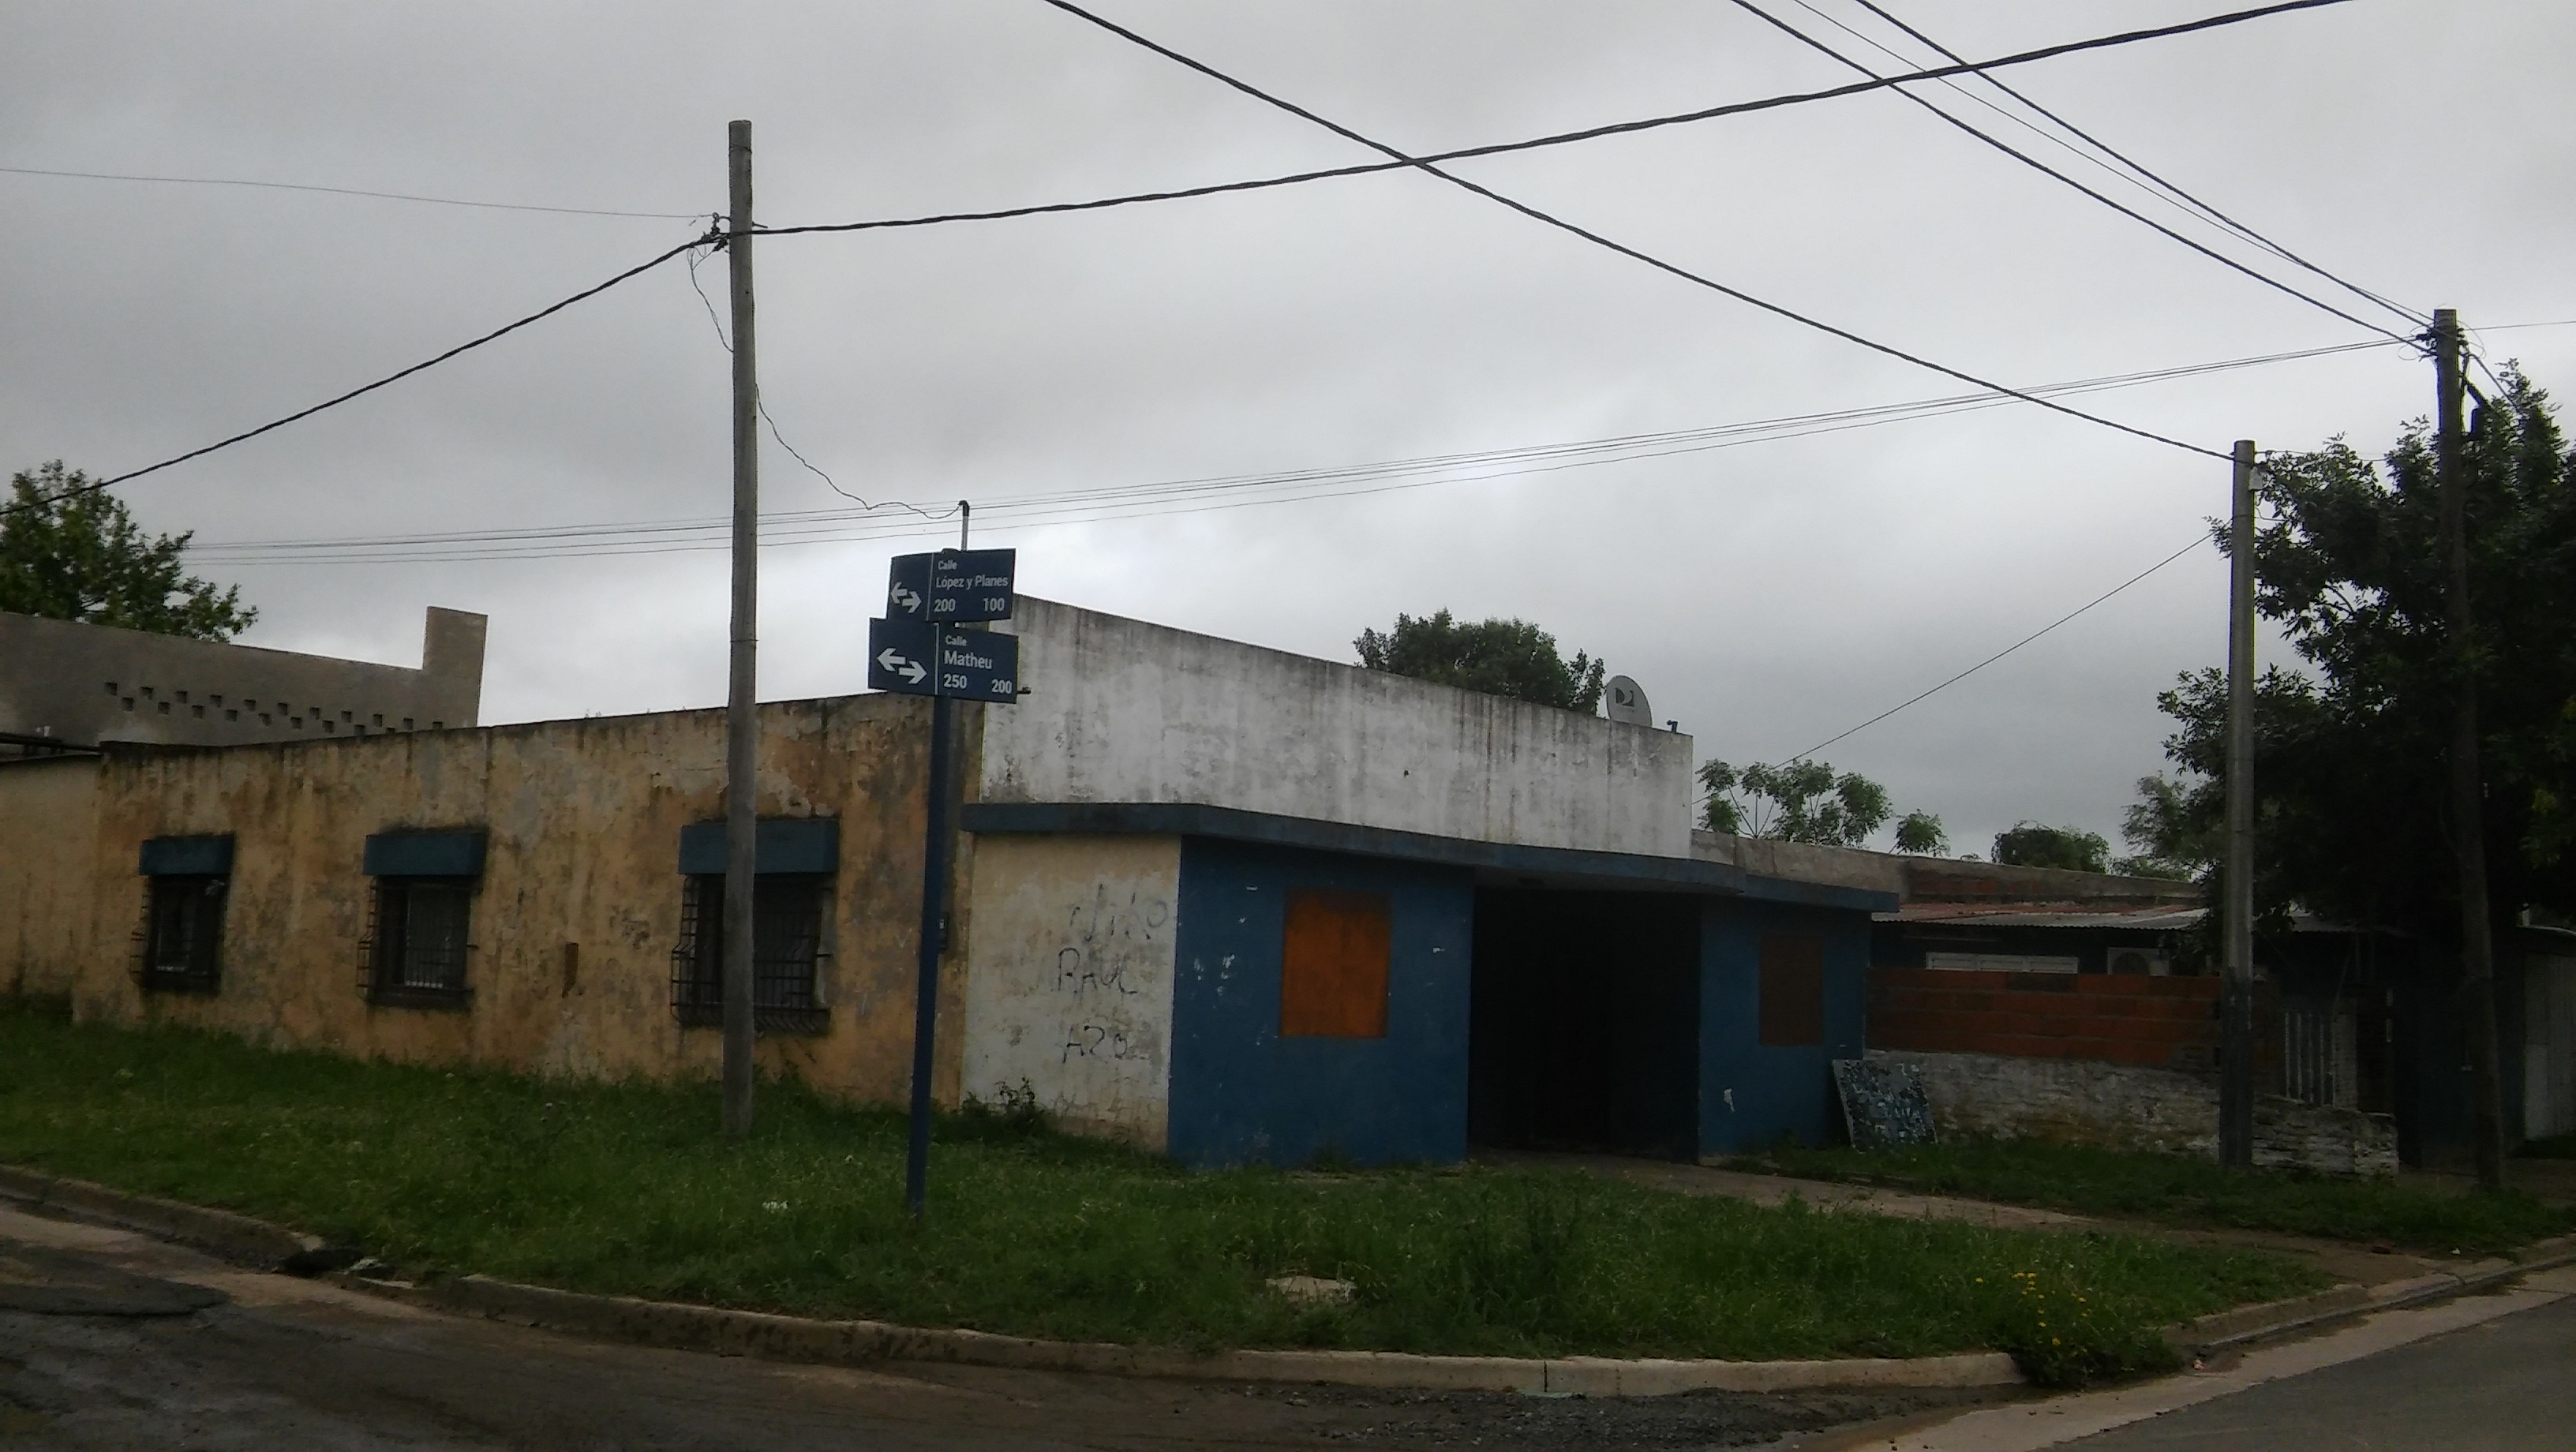 La presunta agresión sexual habría sucedido este lunes 12 de noviembre alrededor de las 18 horas, hecho que sería la causa de episodios de violencia que tuvieron su momento de mayor nerviosismo y angustia a las 22.30, con un incendio sospechado de intencional en una vivienda de calle Matheu entre Barros y López y Planes.